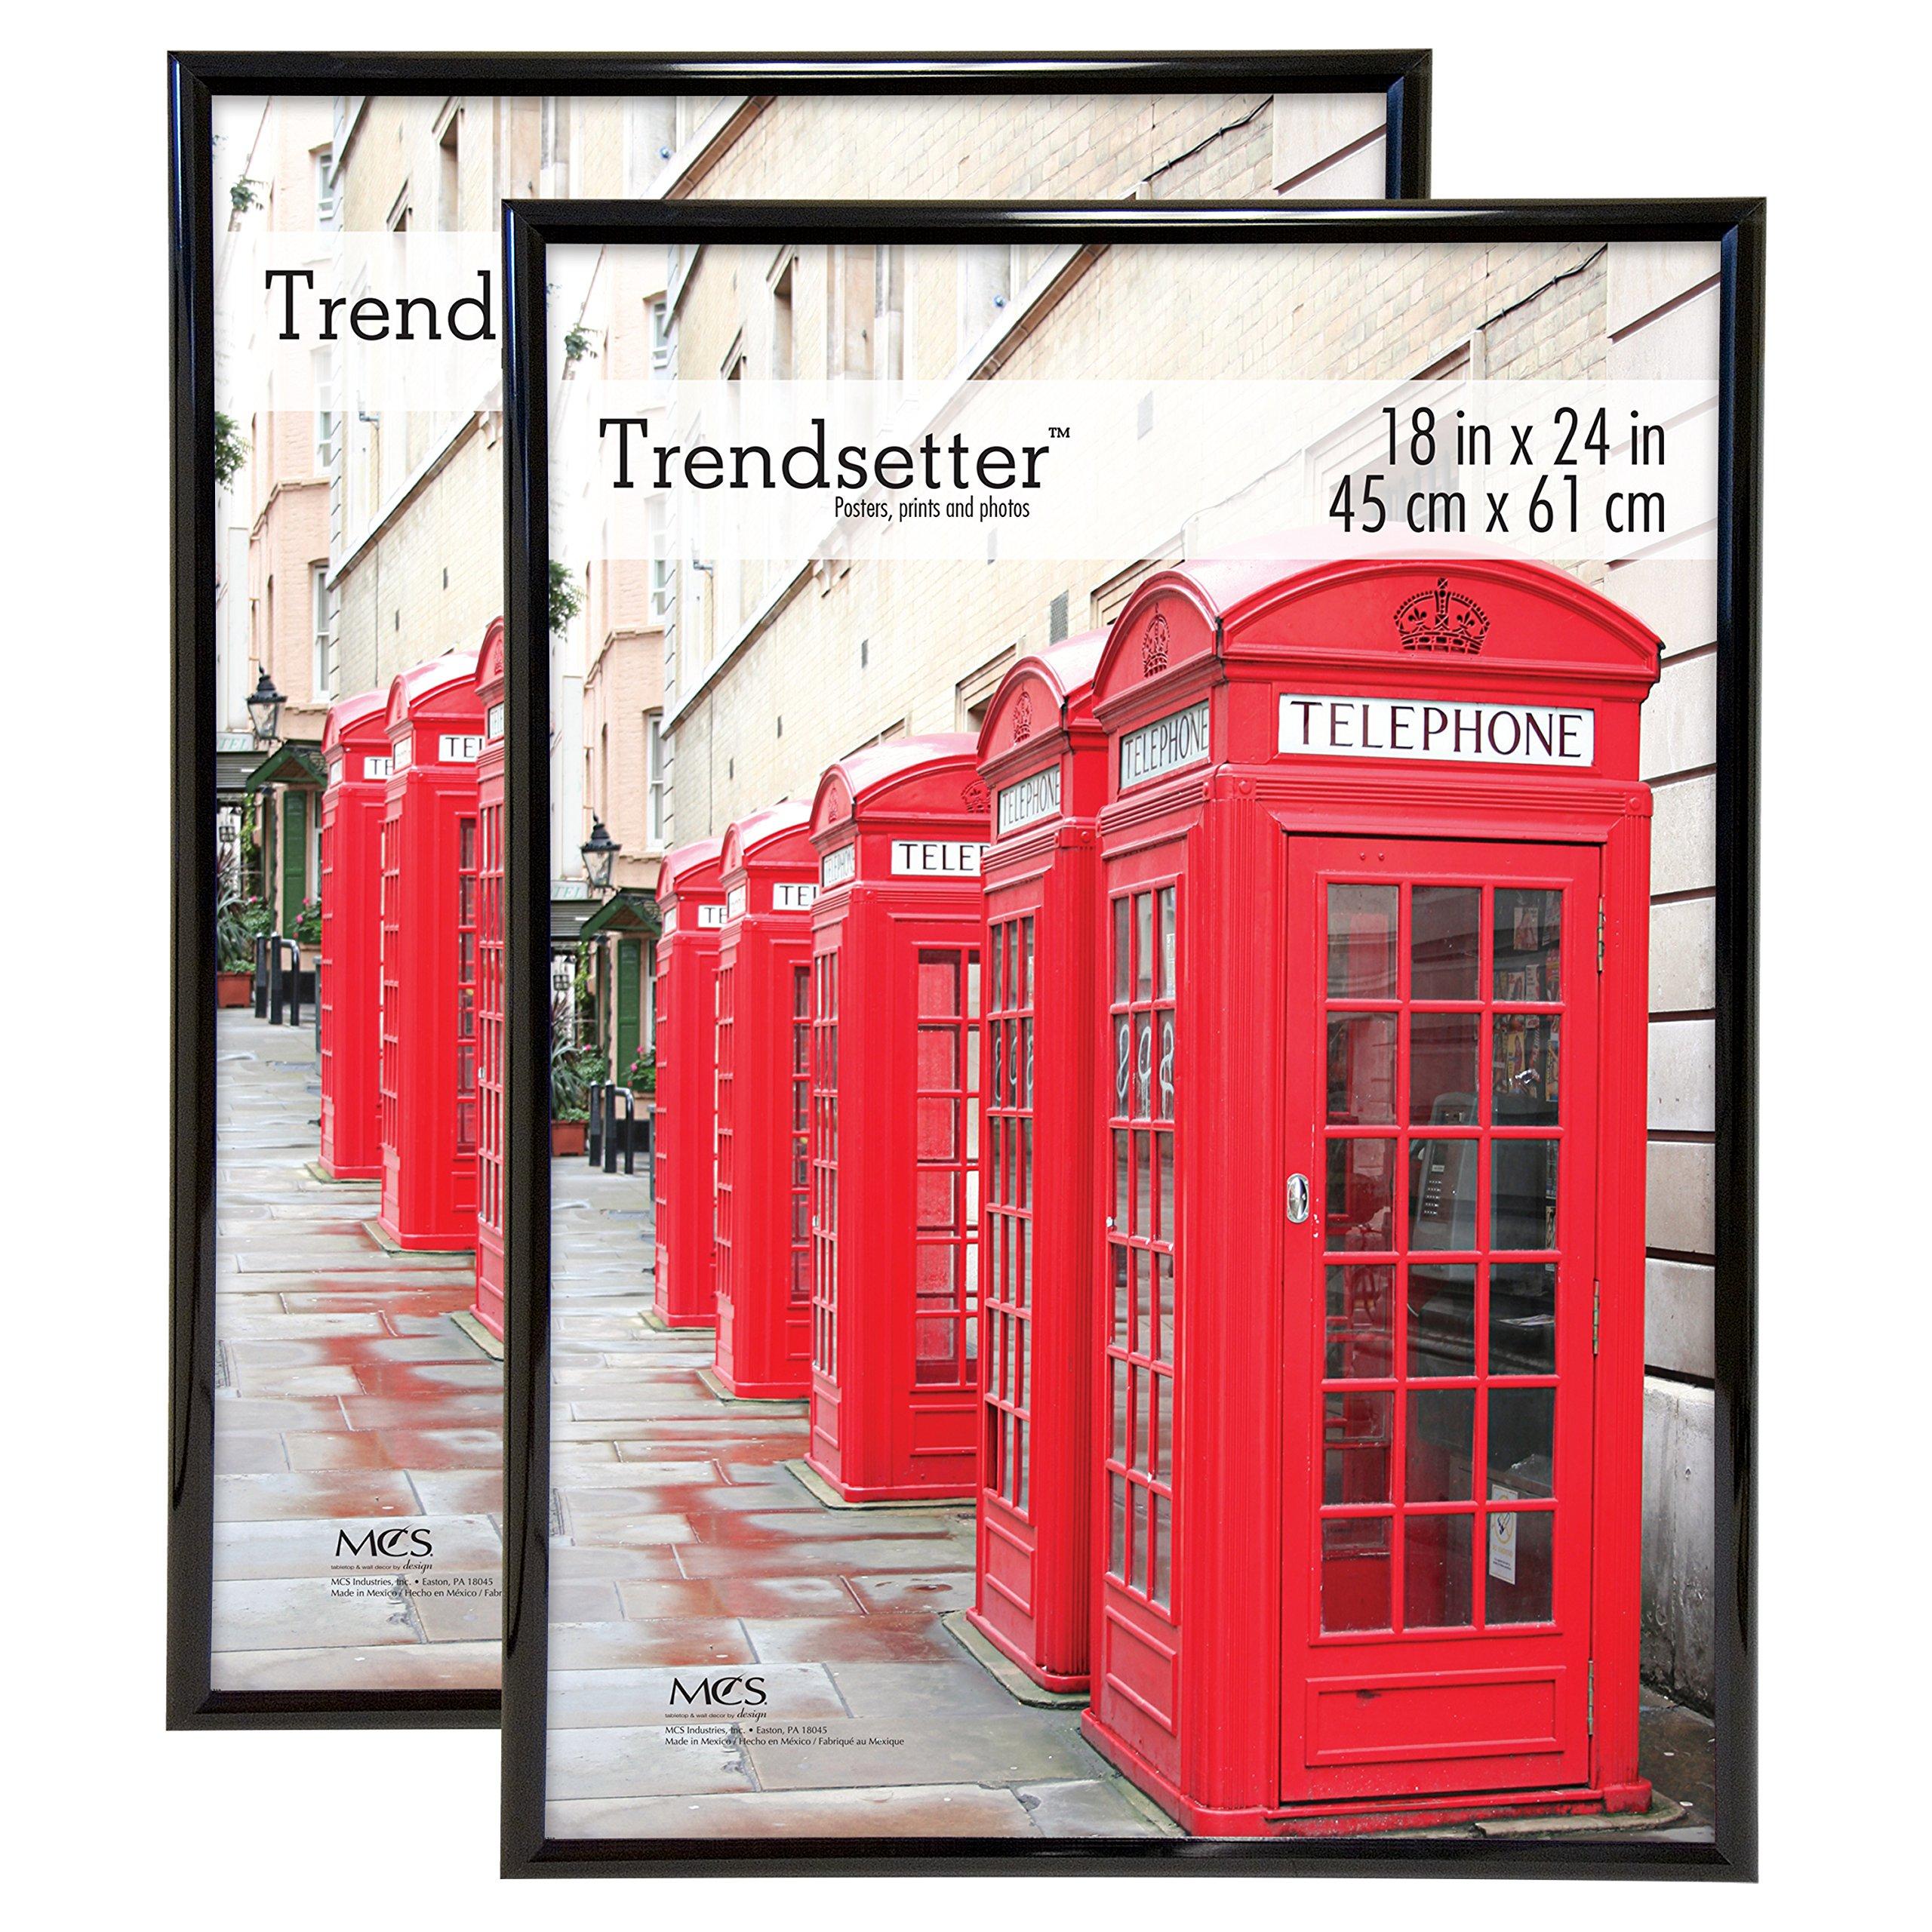 MCS Trendsetter 18x24 Inch Poster Frame (2pk), Black (65753) by MCS